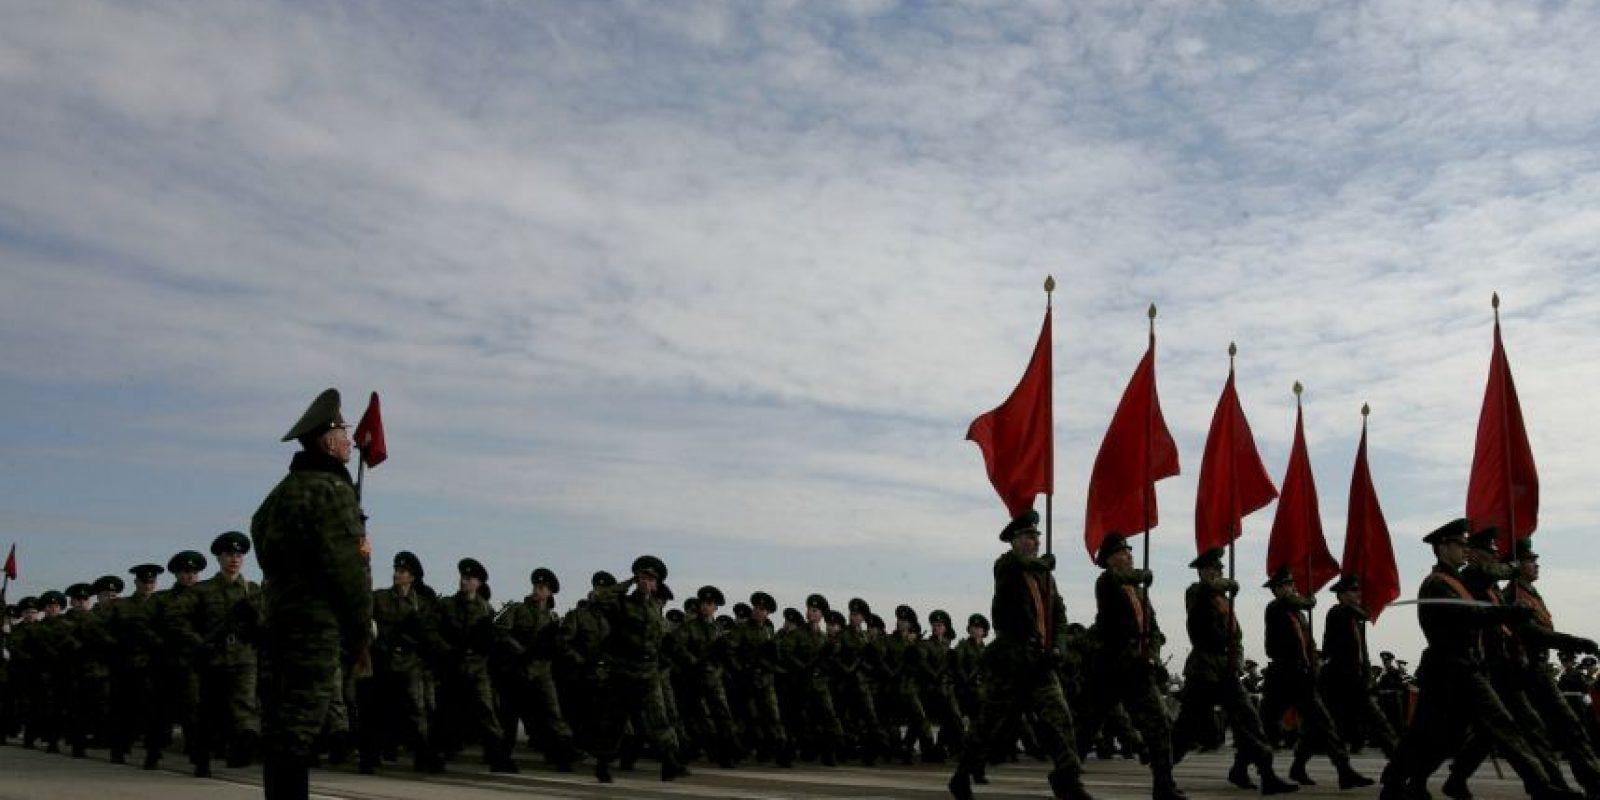 La celebración a la que fue invitado Castro conmemoran el 70 aniversario de la victoria del Ejército soviético sobre la Alemania nazi Foto:Getty Images